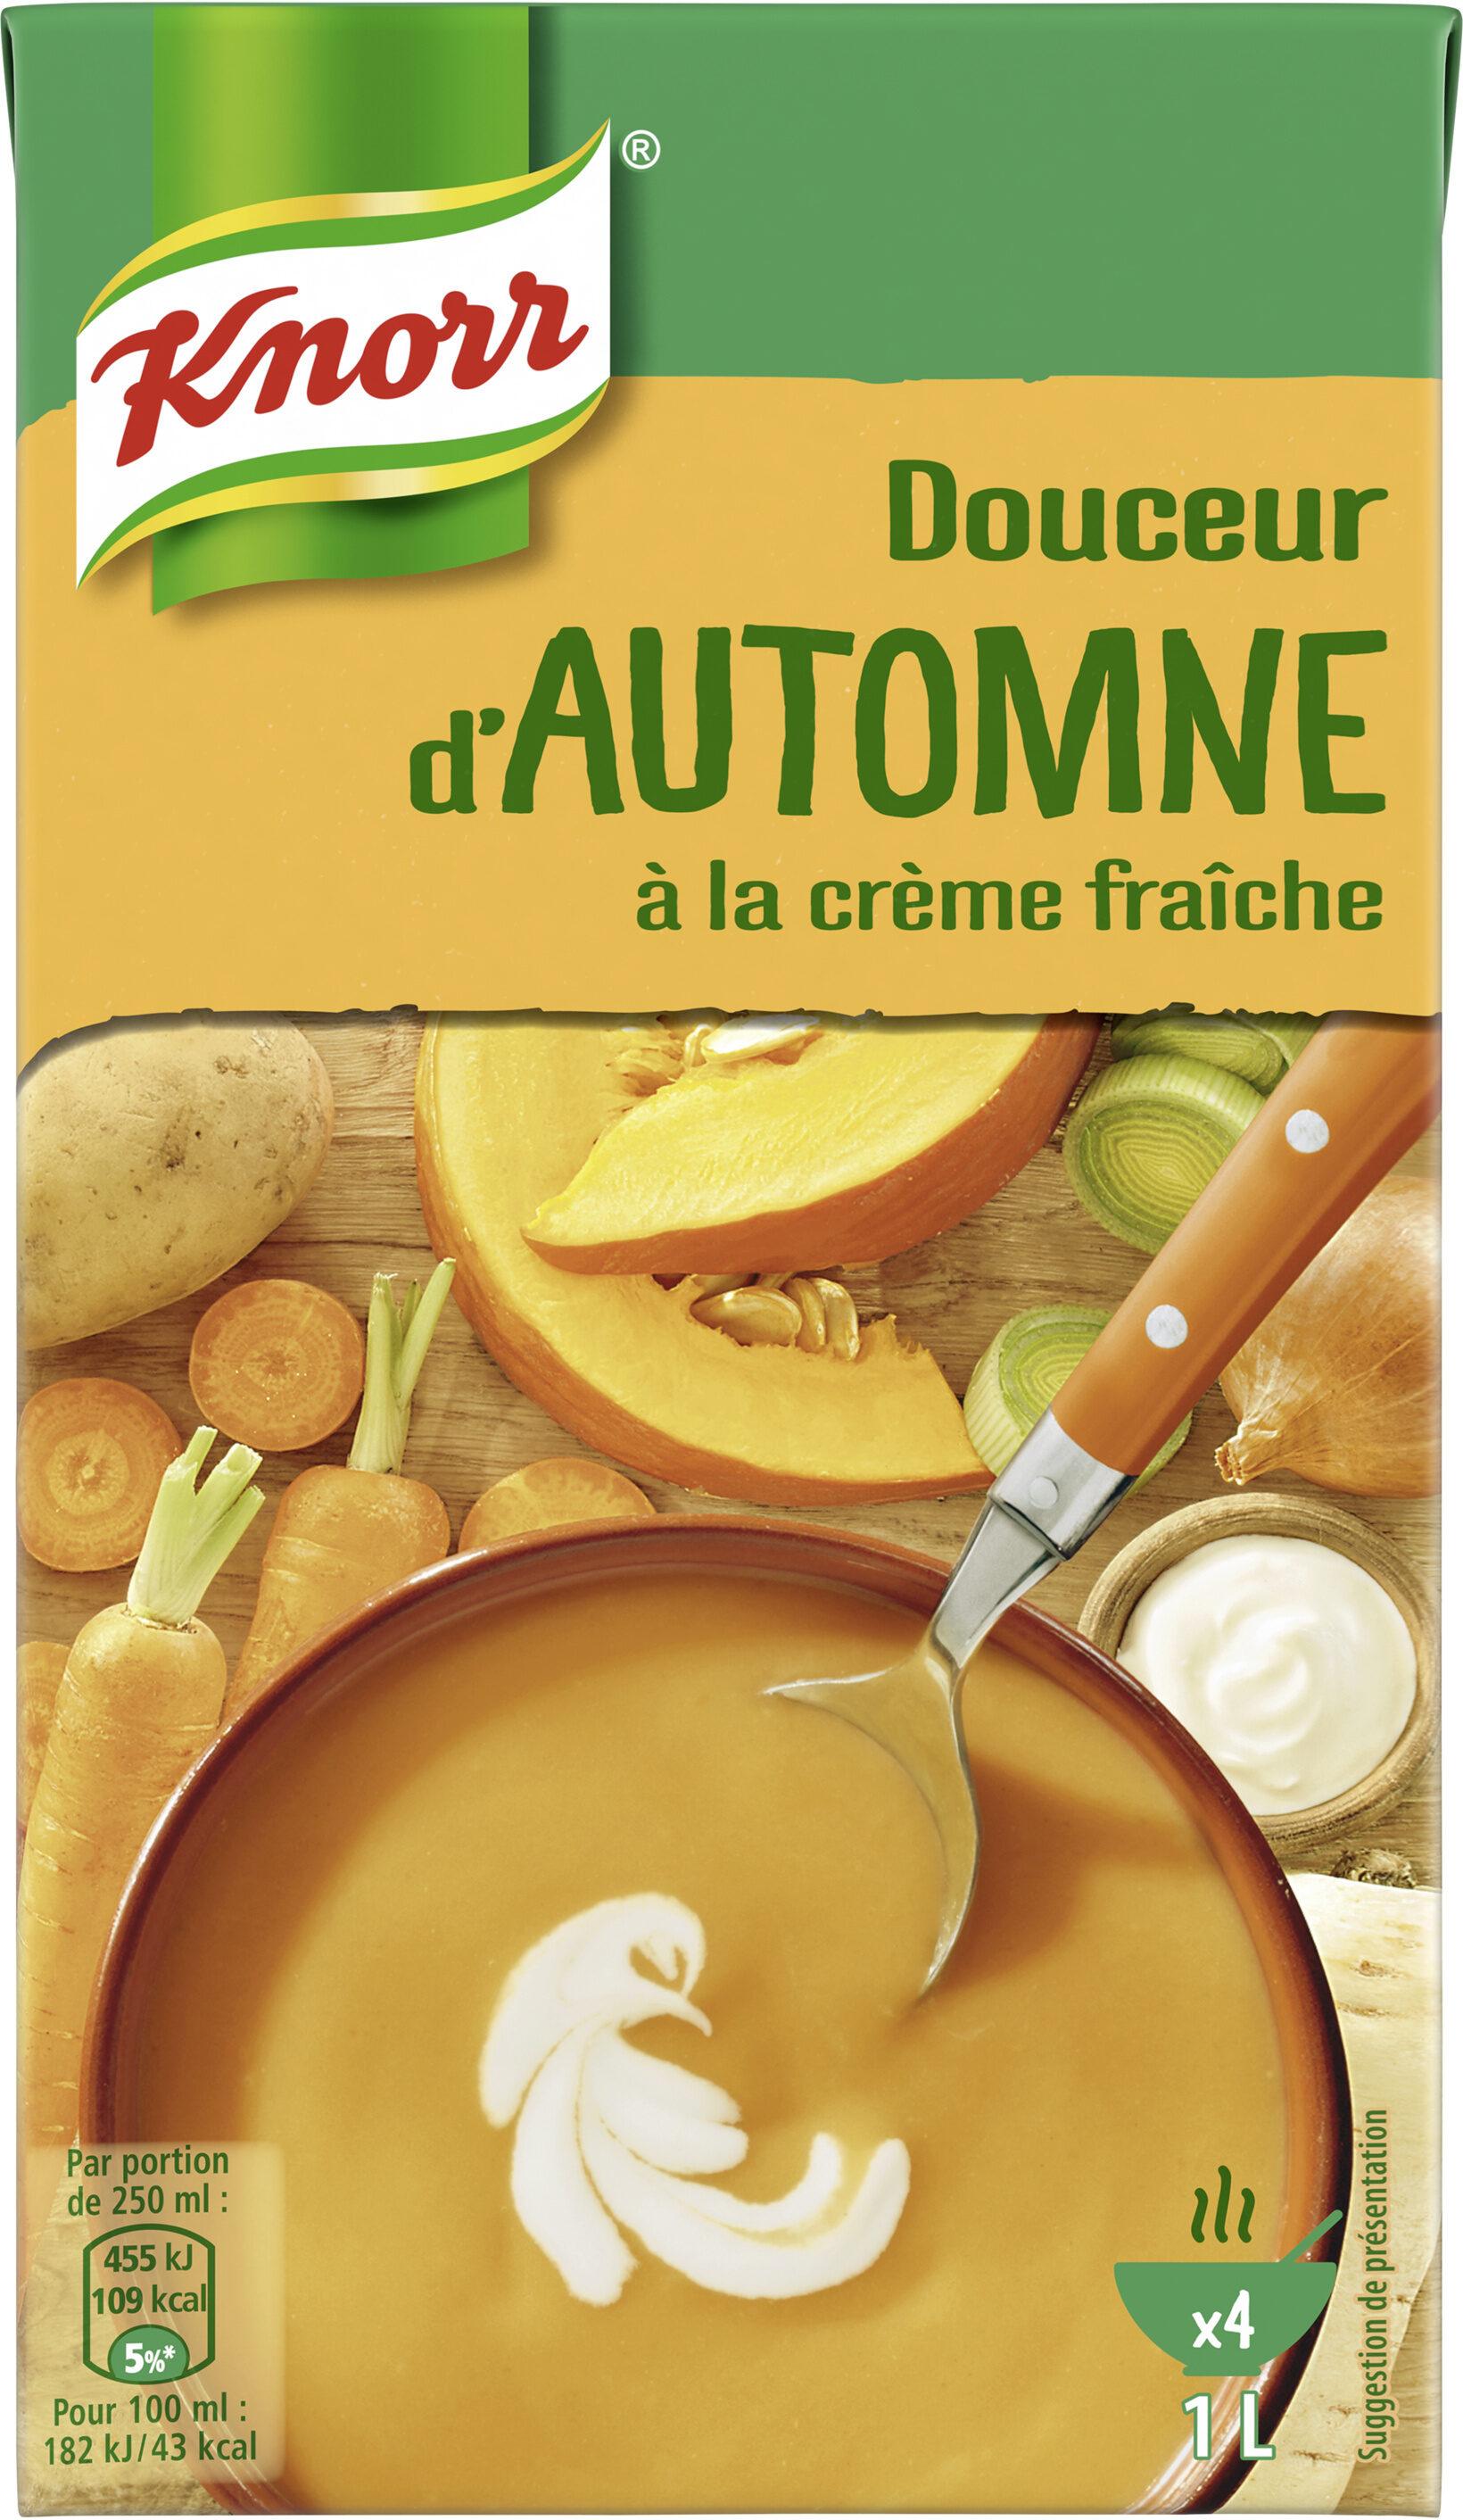 Knorr Les Classiques Soupe Liquide Douceur d'Automne à la crème fraîche 1l - Product - fr